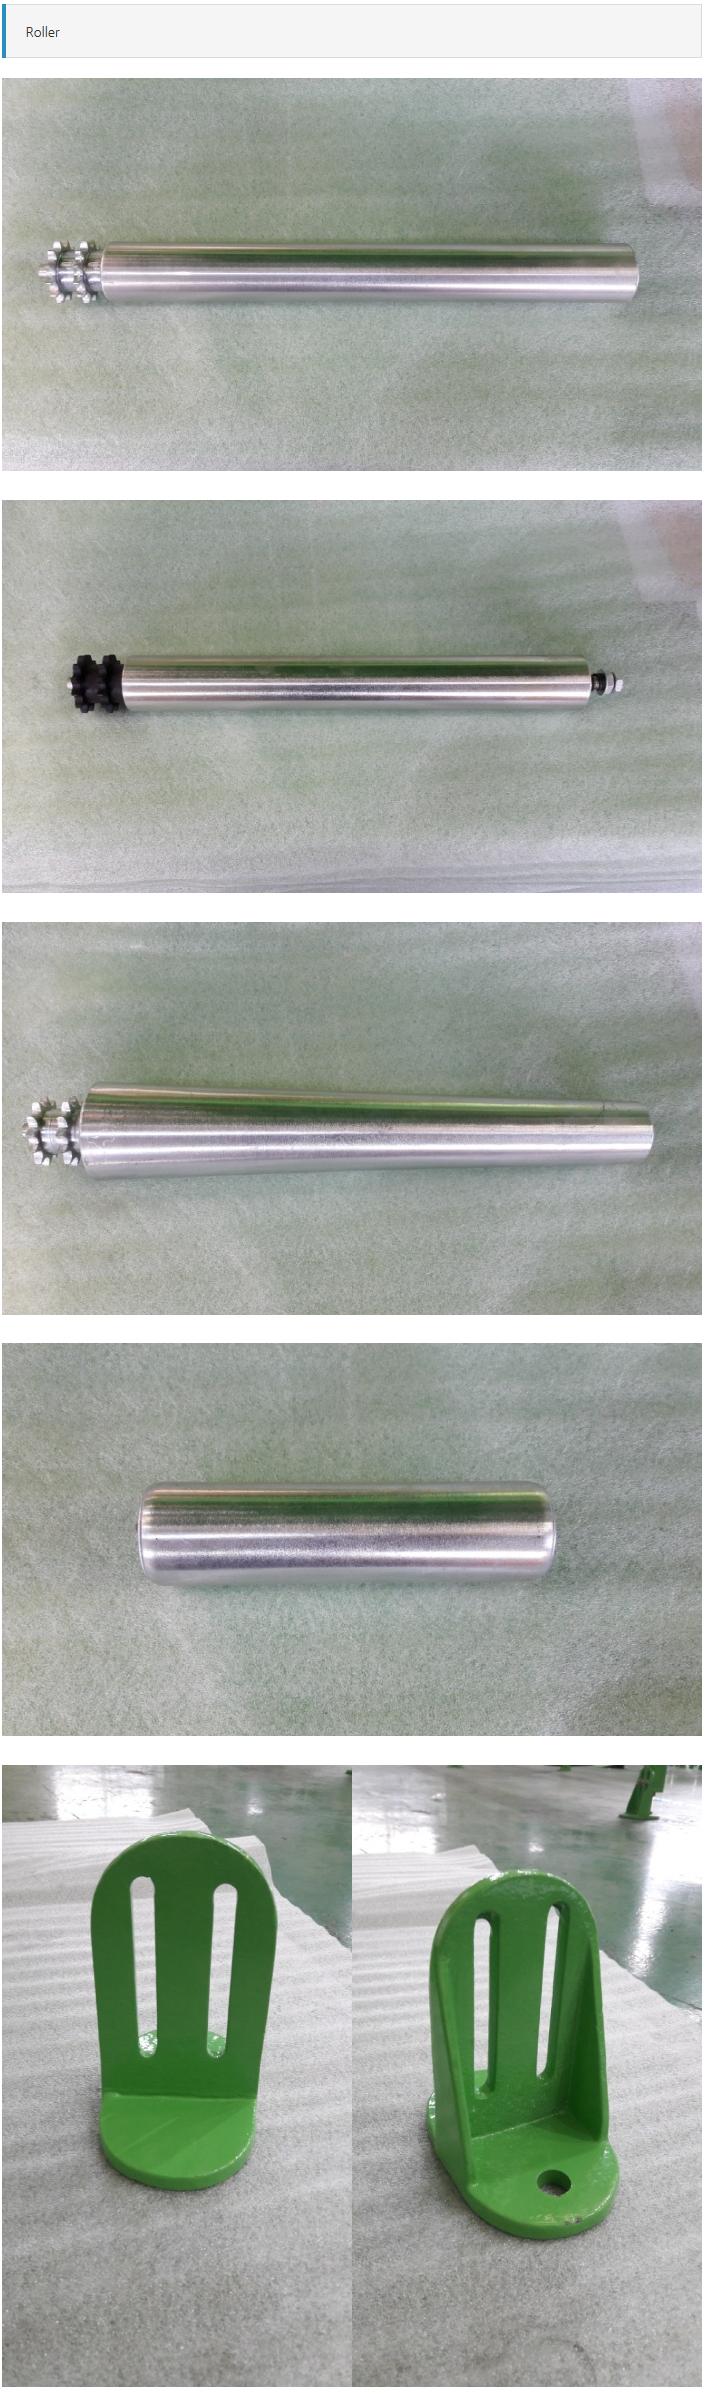 (주)케이티에스 컨베이어 관련 부품